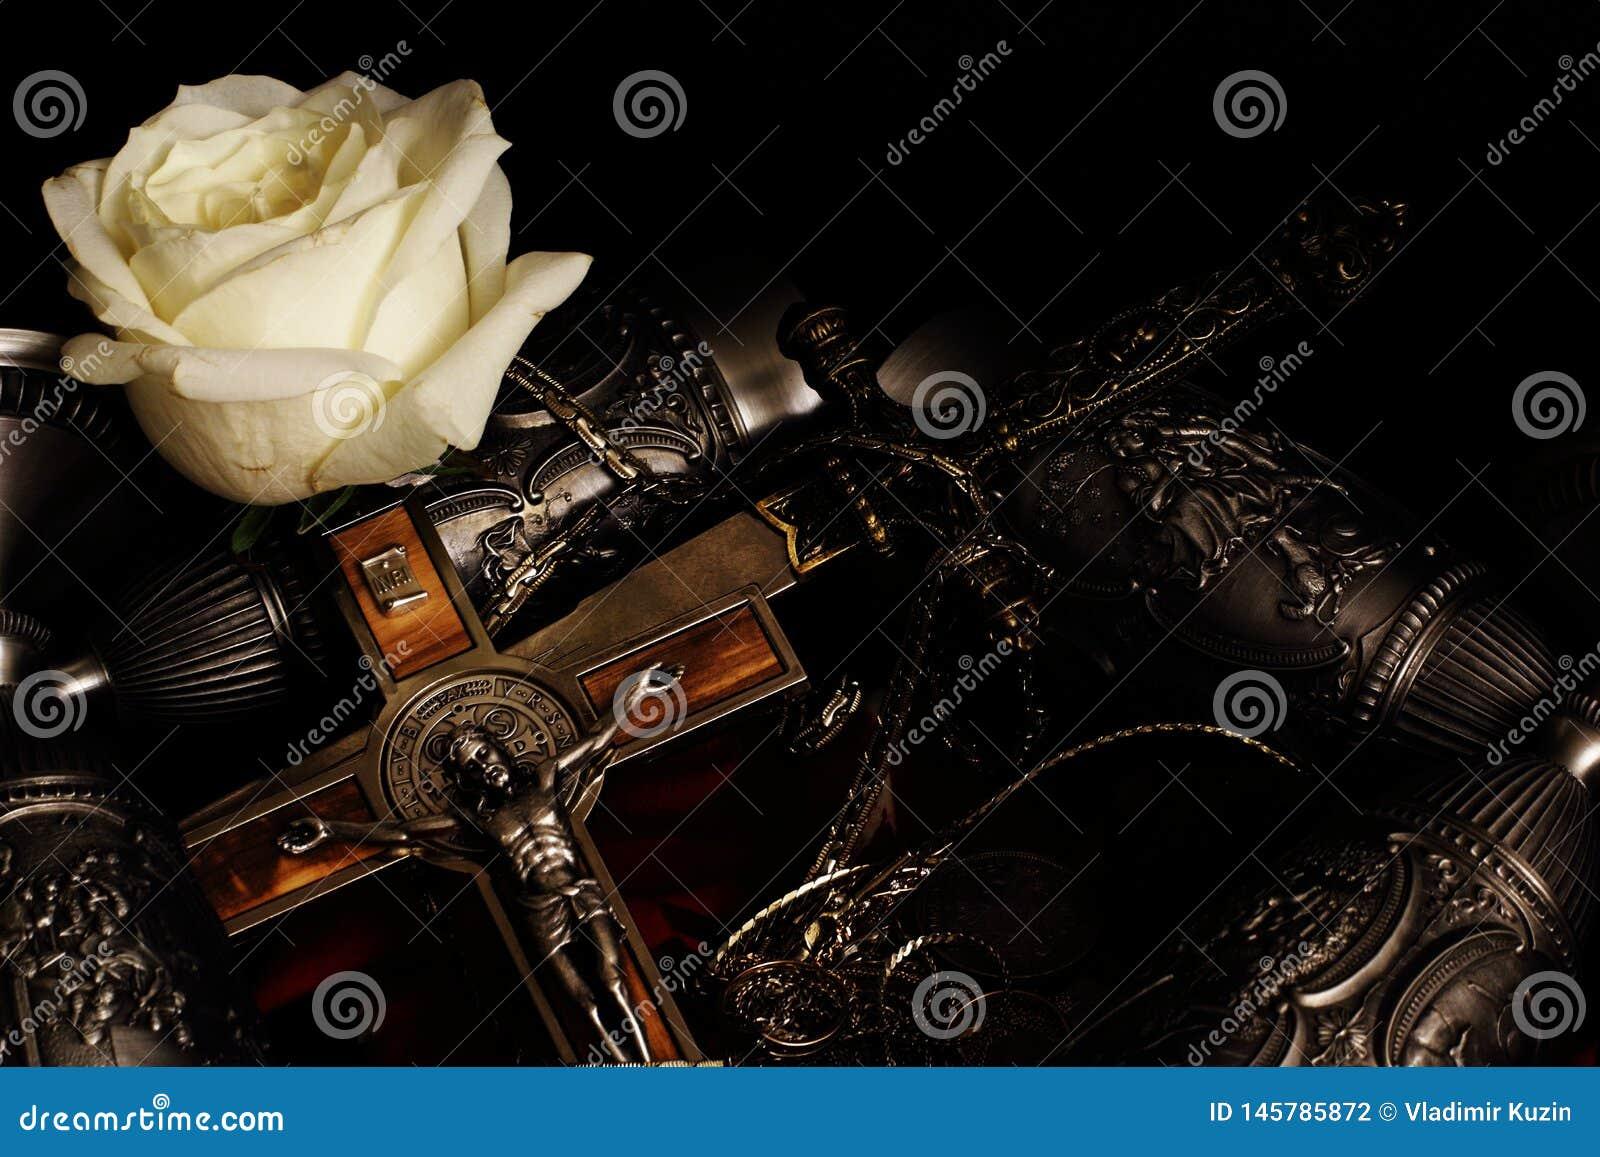 Estilete, crucifijo con la cadena integrada del metal, cubiletes del metal para el vino y rosa blanca en fondo negro Recuerdos de